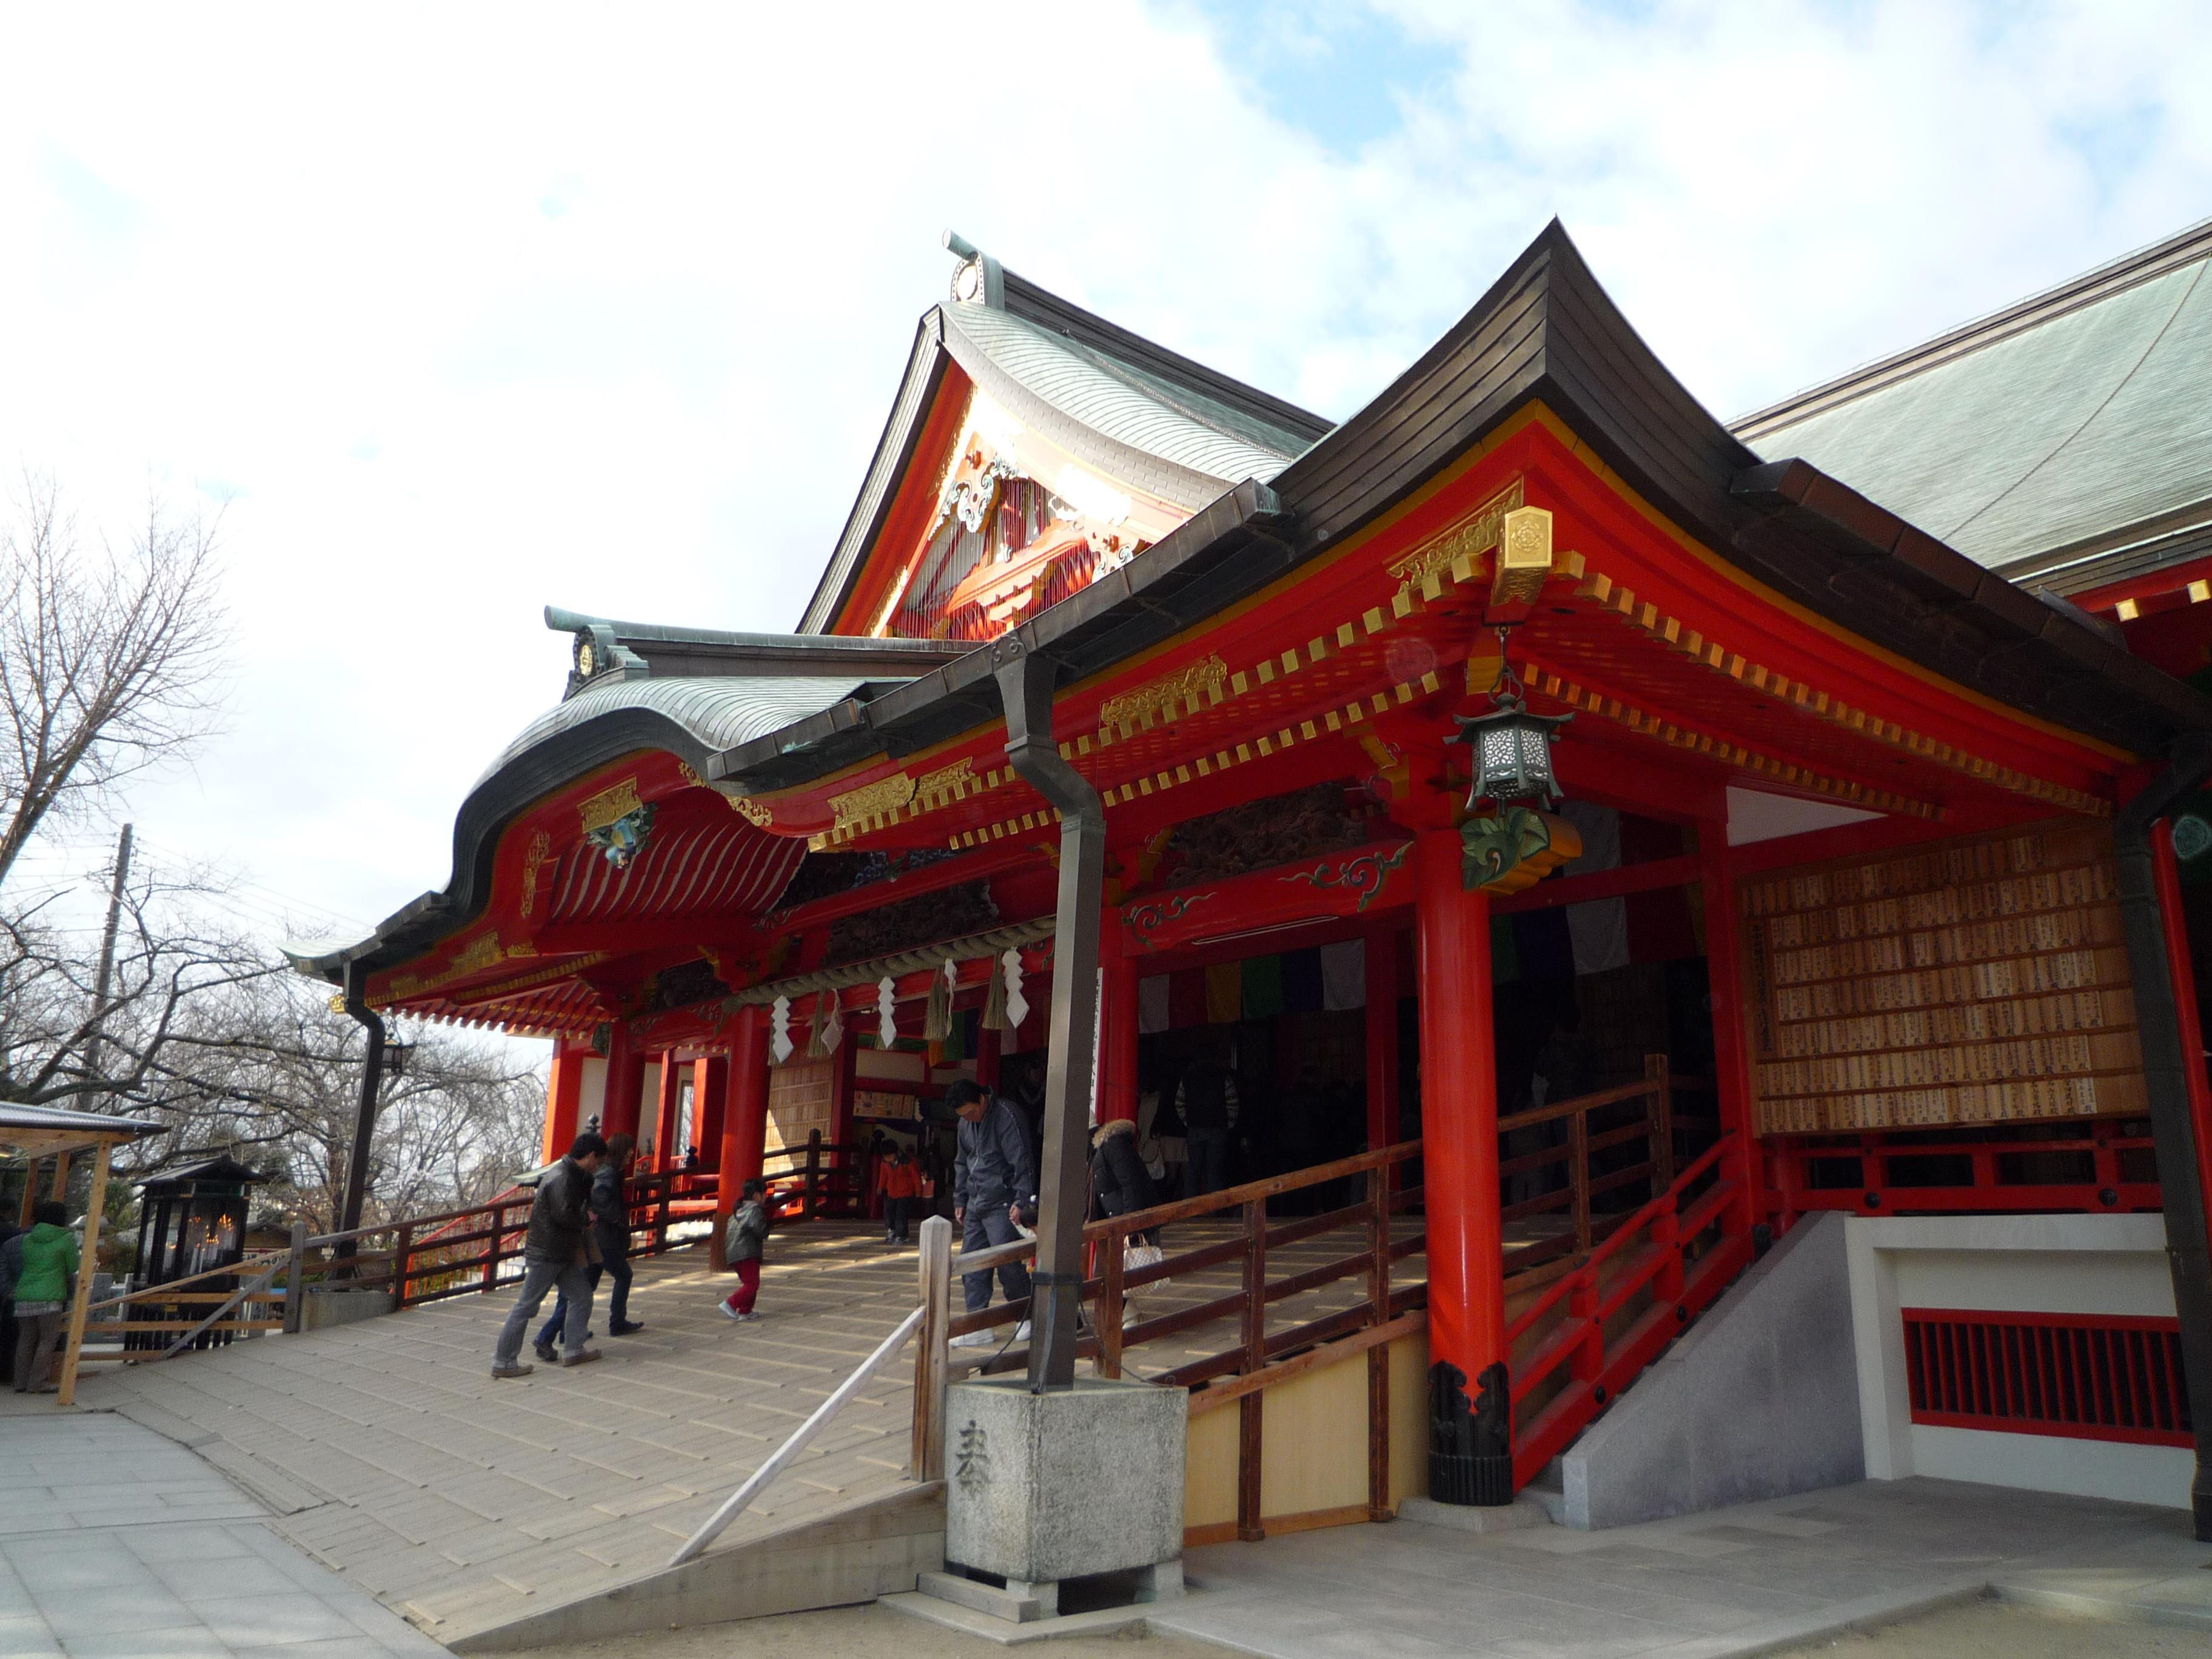 成田 山 大阪 別院 2021年(令和3年)節分祭について